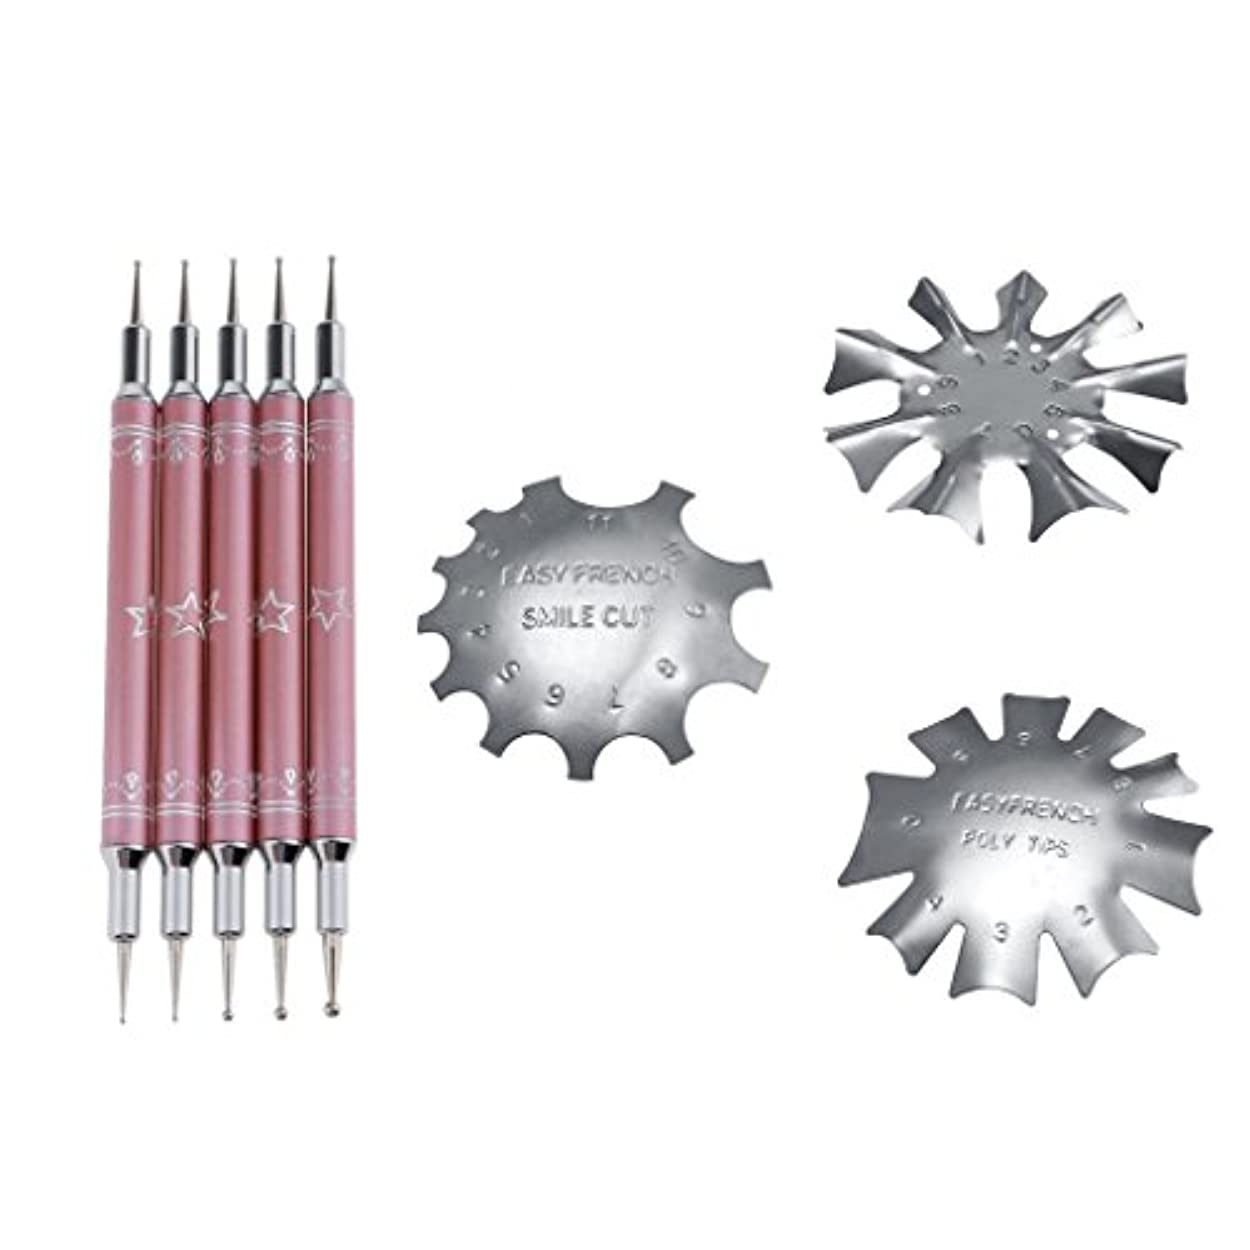 Kesoto 3サイズ フランス風 ネイルガイドツール 5個 ドットペン ネイルアート スマイル カットライン ガイドテンプレート ネイルドットペン